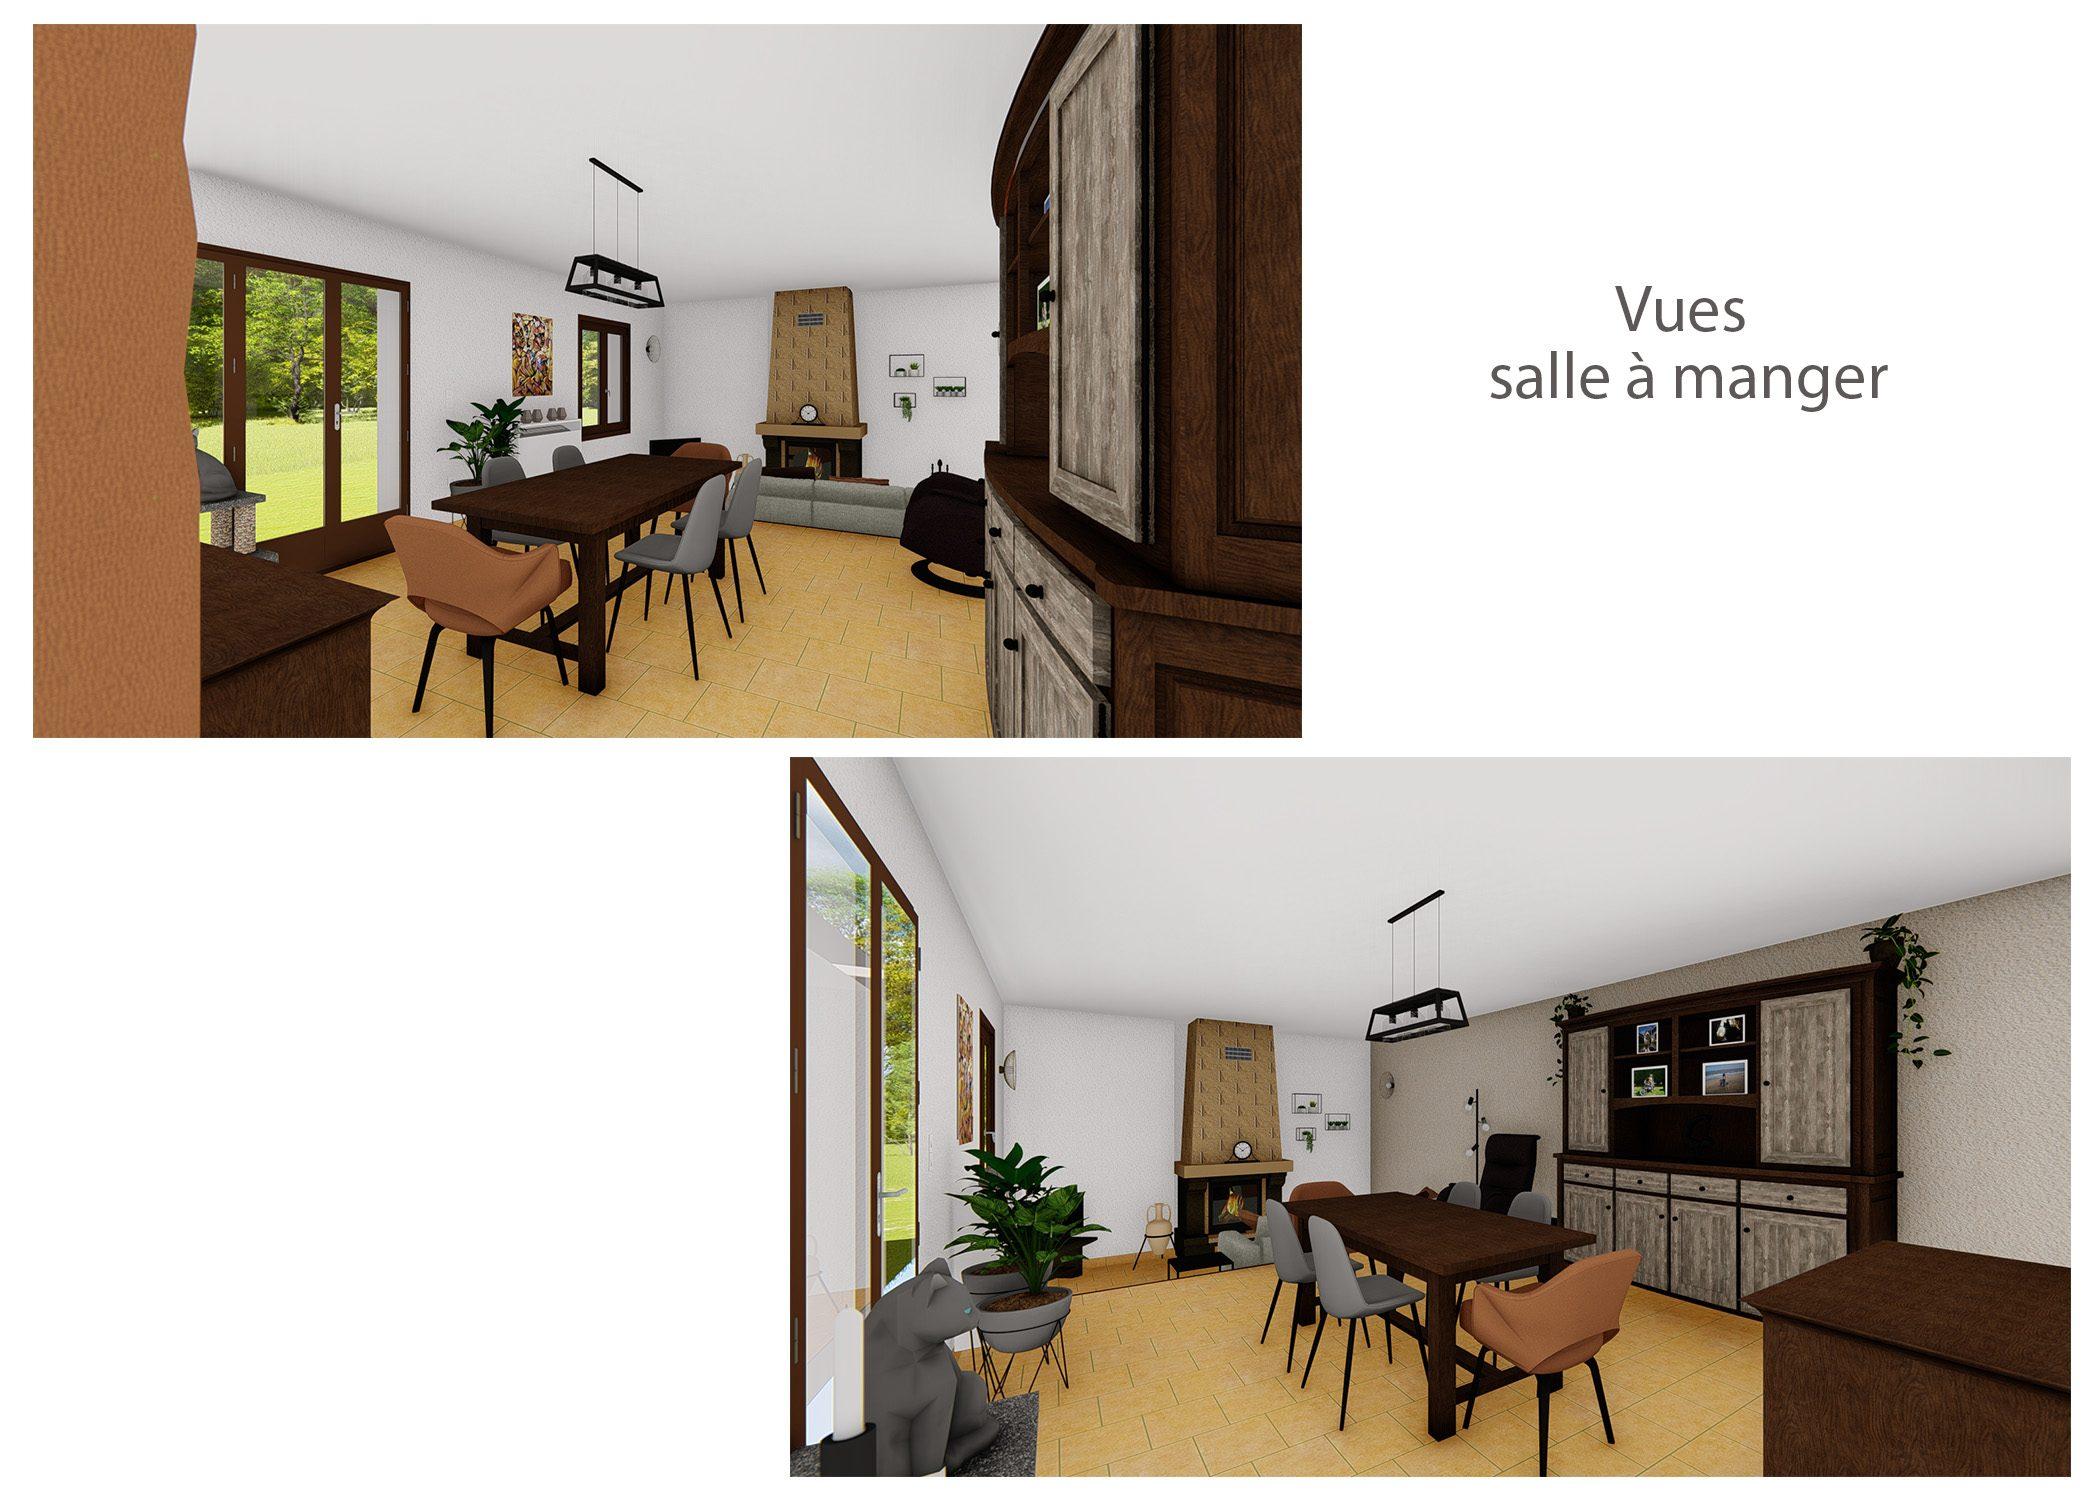 agencement-decoration-sejour fuveau-rendus salle a manger-dekho design